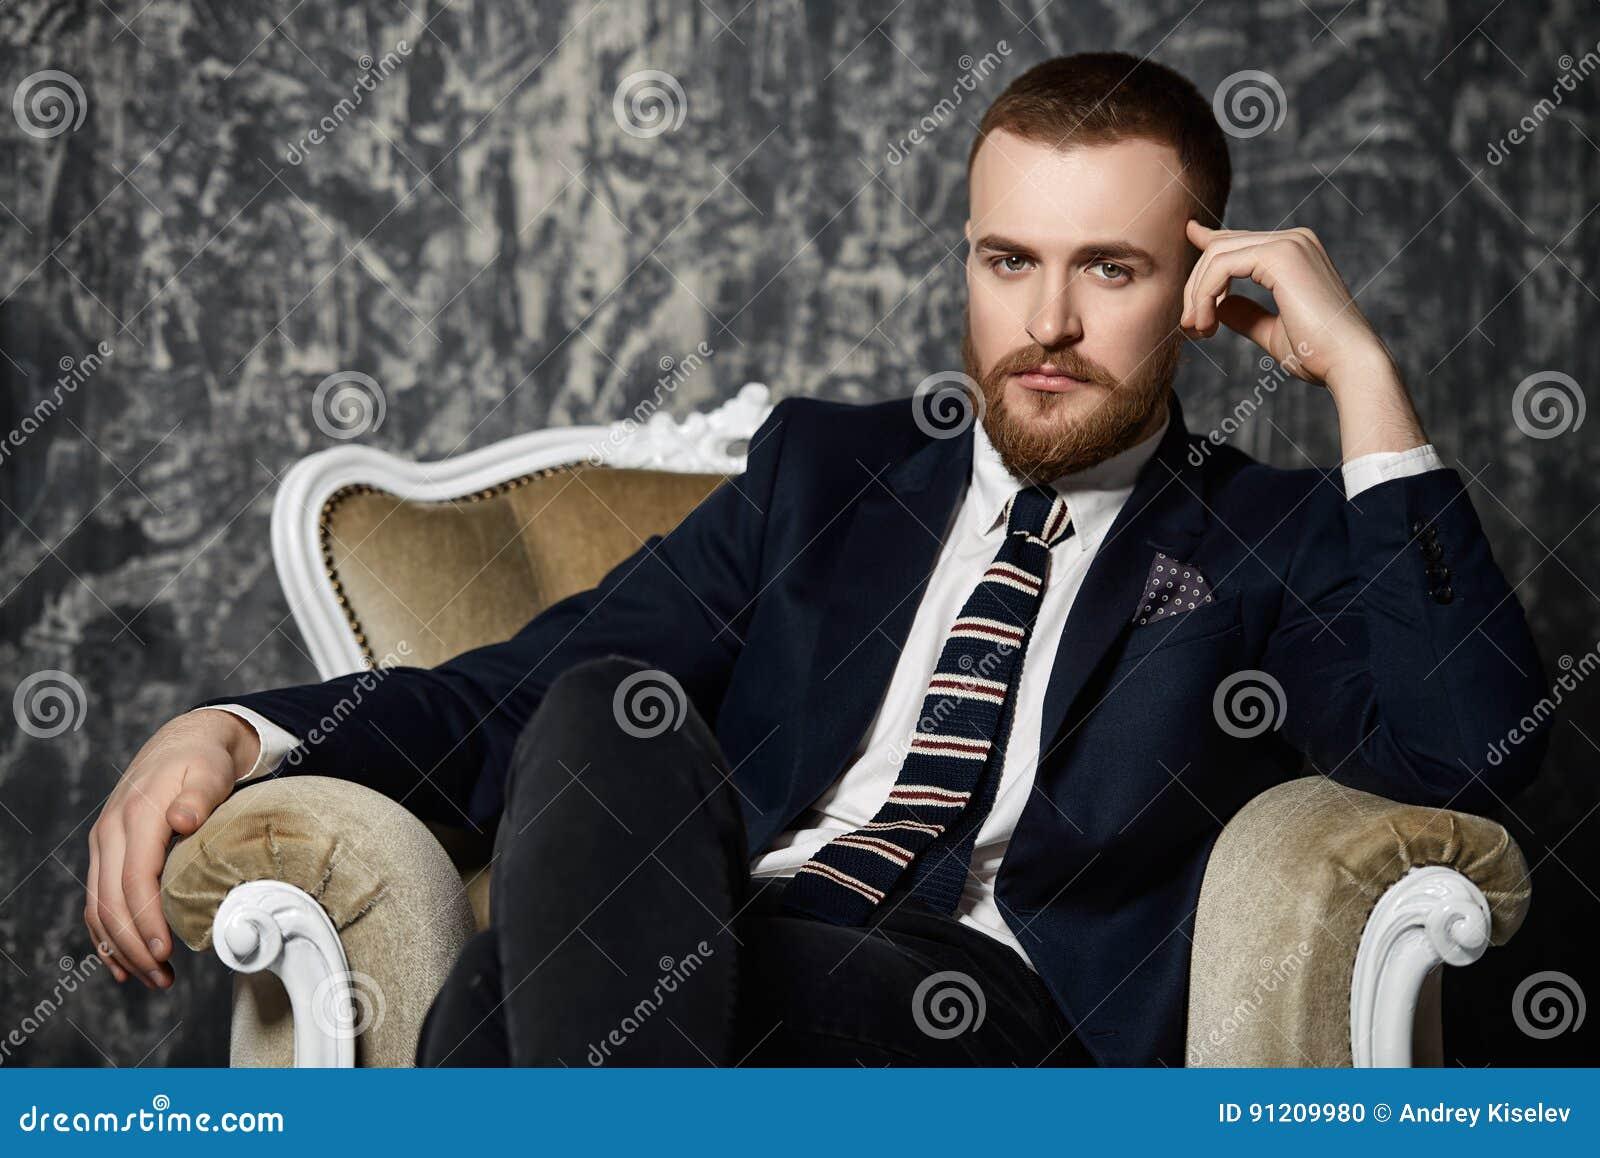 Männer kurzer haarschnitt Kurzer männerhaarschnitt